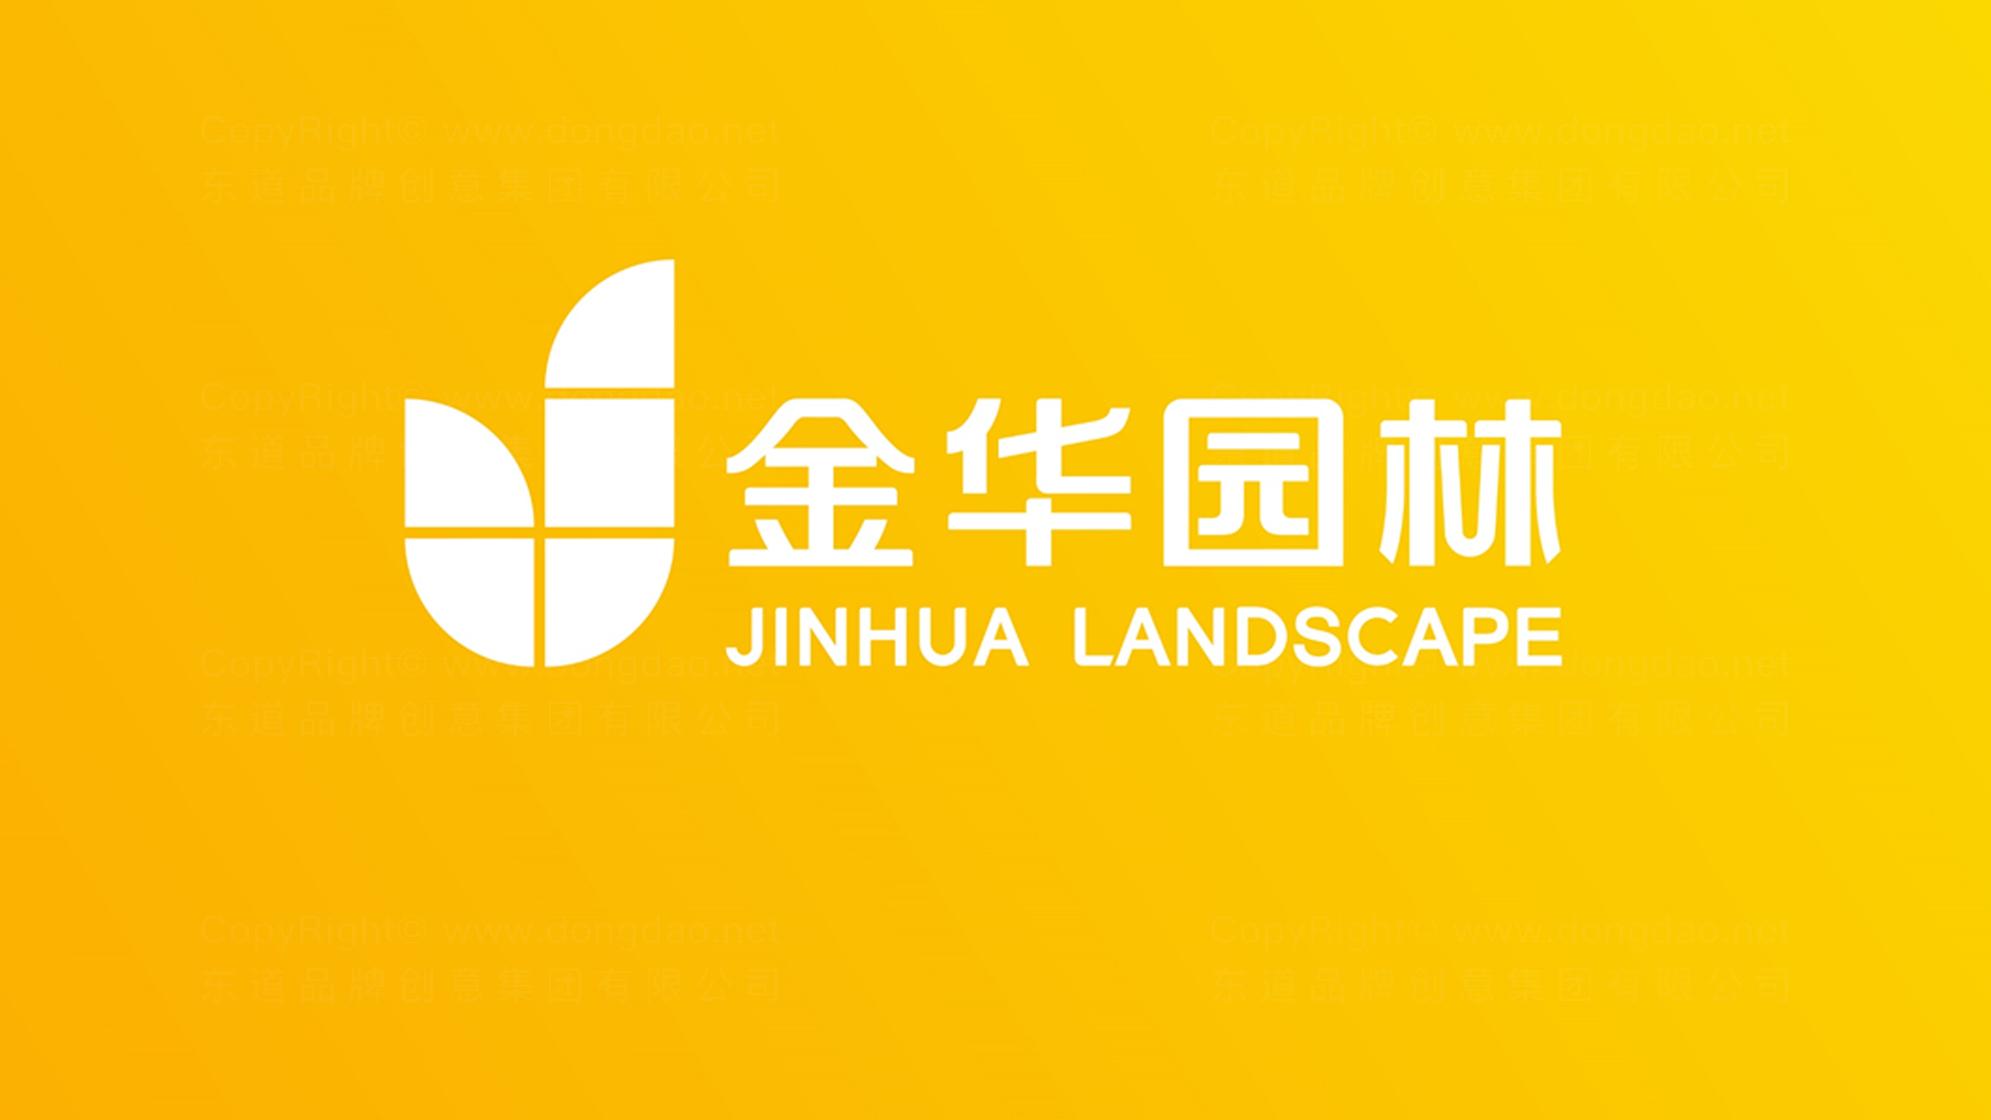 环境城市品牌设计金华园林标志设计